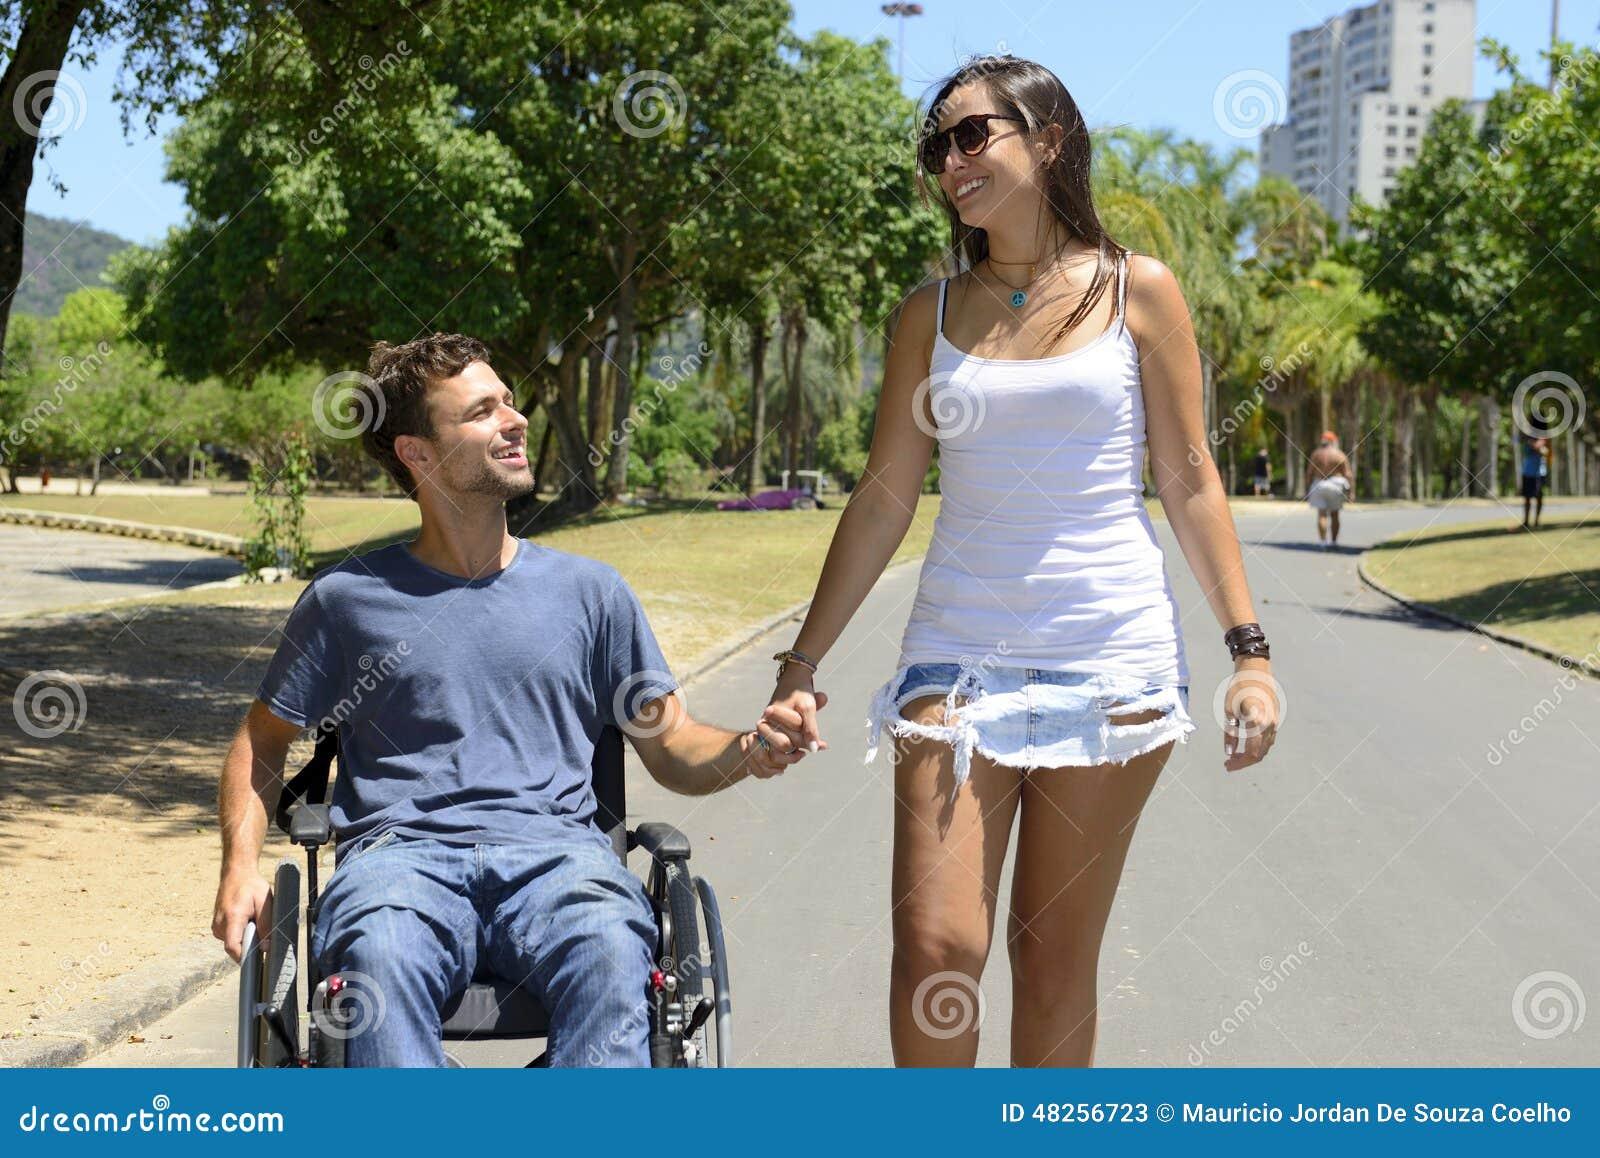 dating tips for menn handicap dating